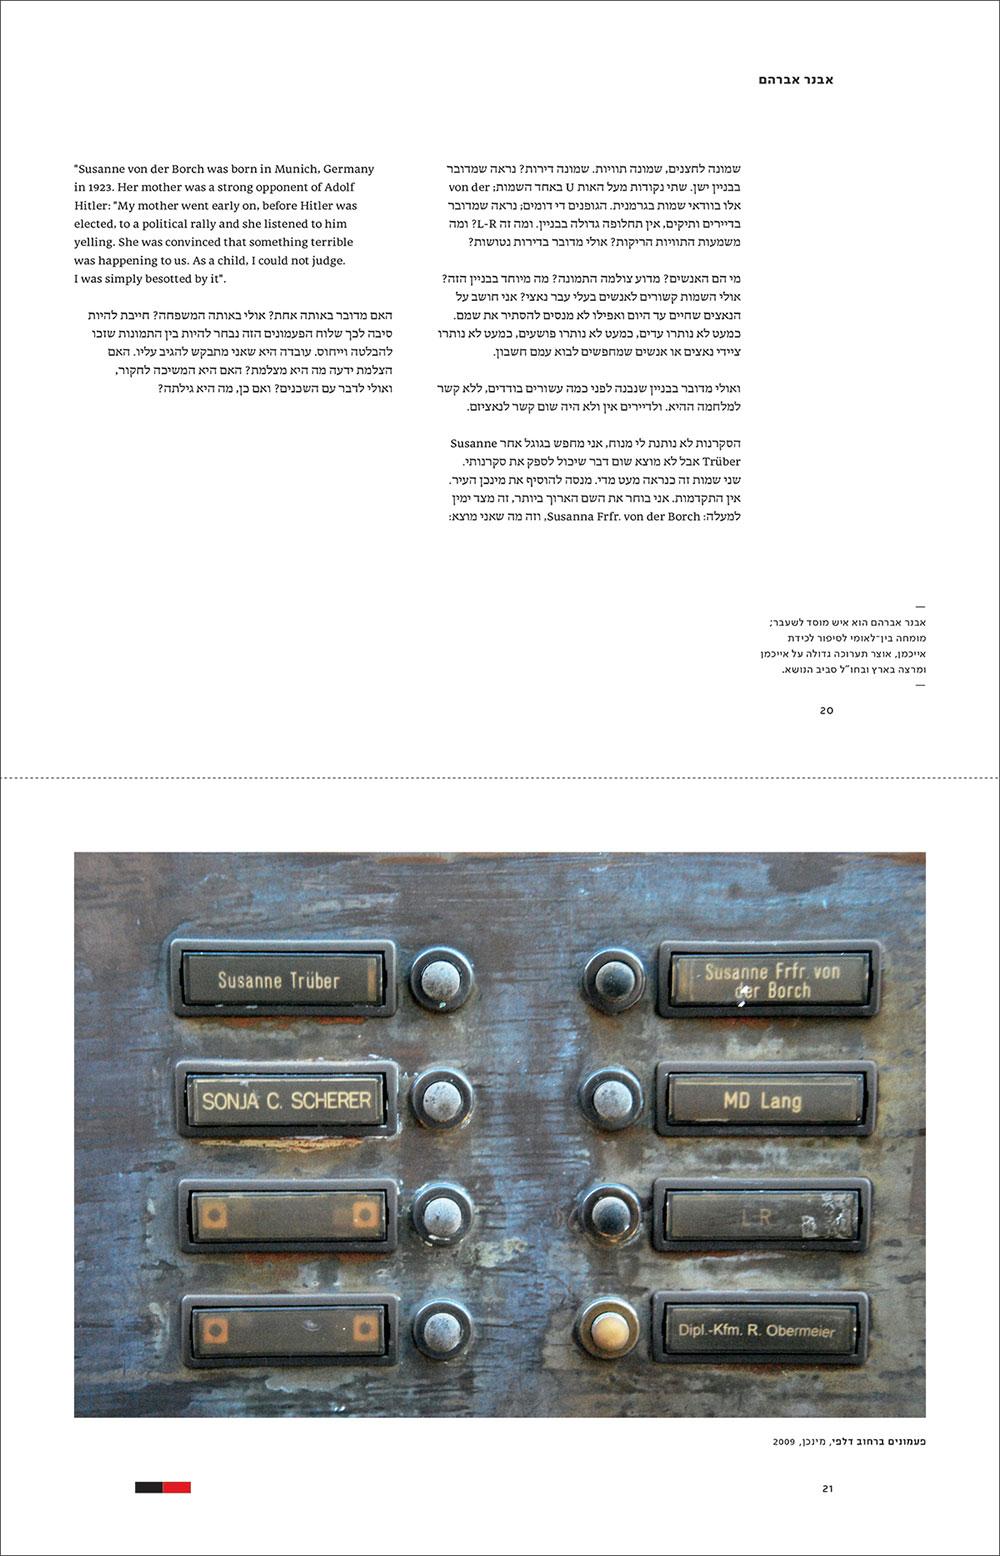 פנטומים, דנה אריאלי, עמודים 20-21